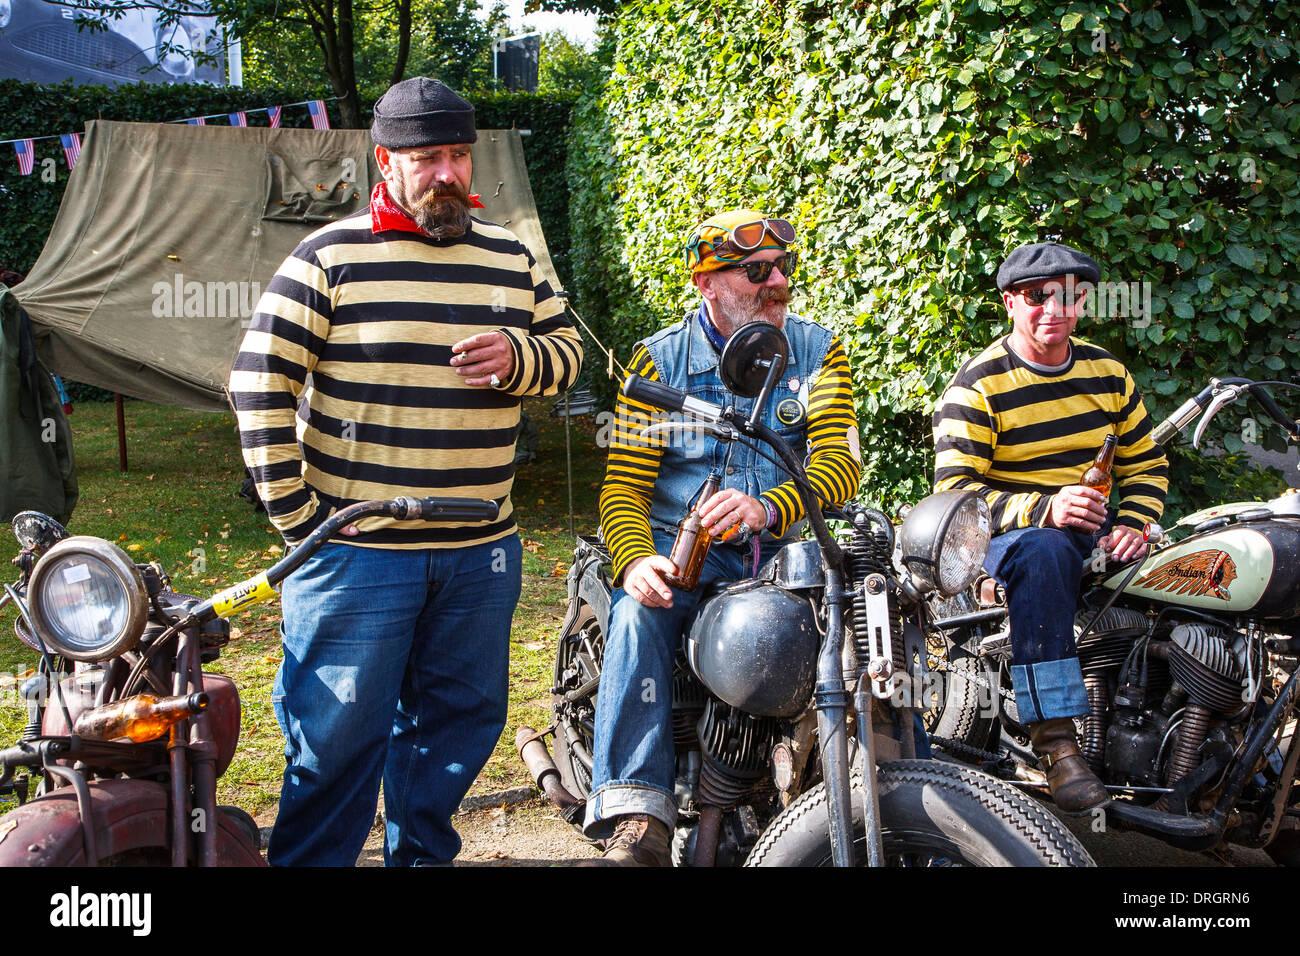 Mitglieder der Hornets-Bande sitzen auf indische Motorräder am Goodwood Revival 2013, West Sussex, Großbritannien Stockbild